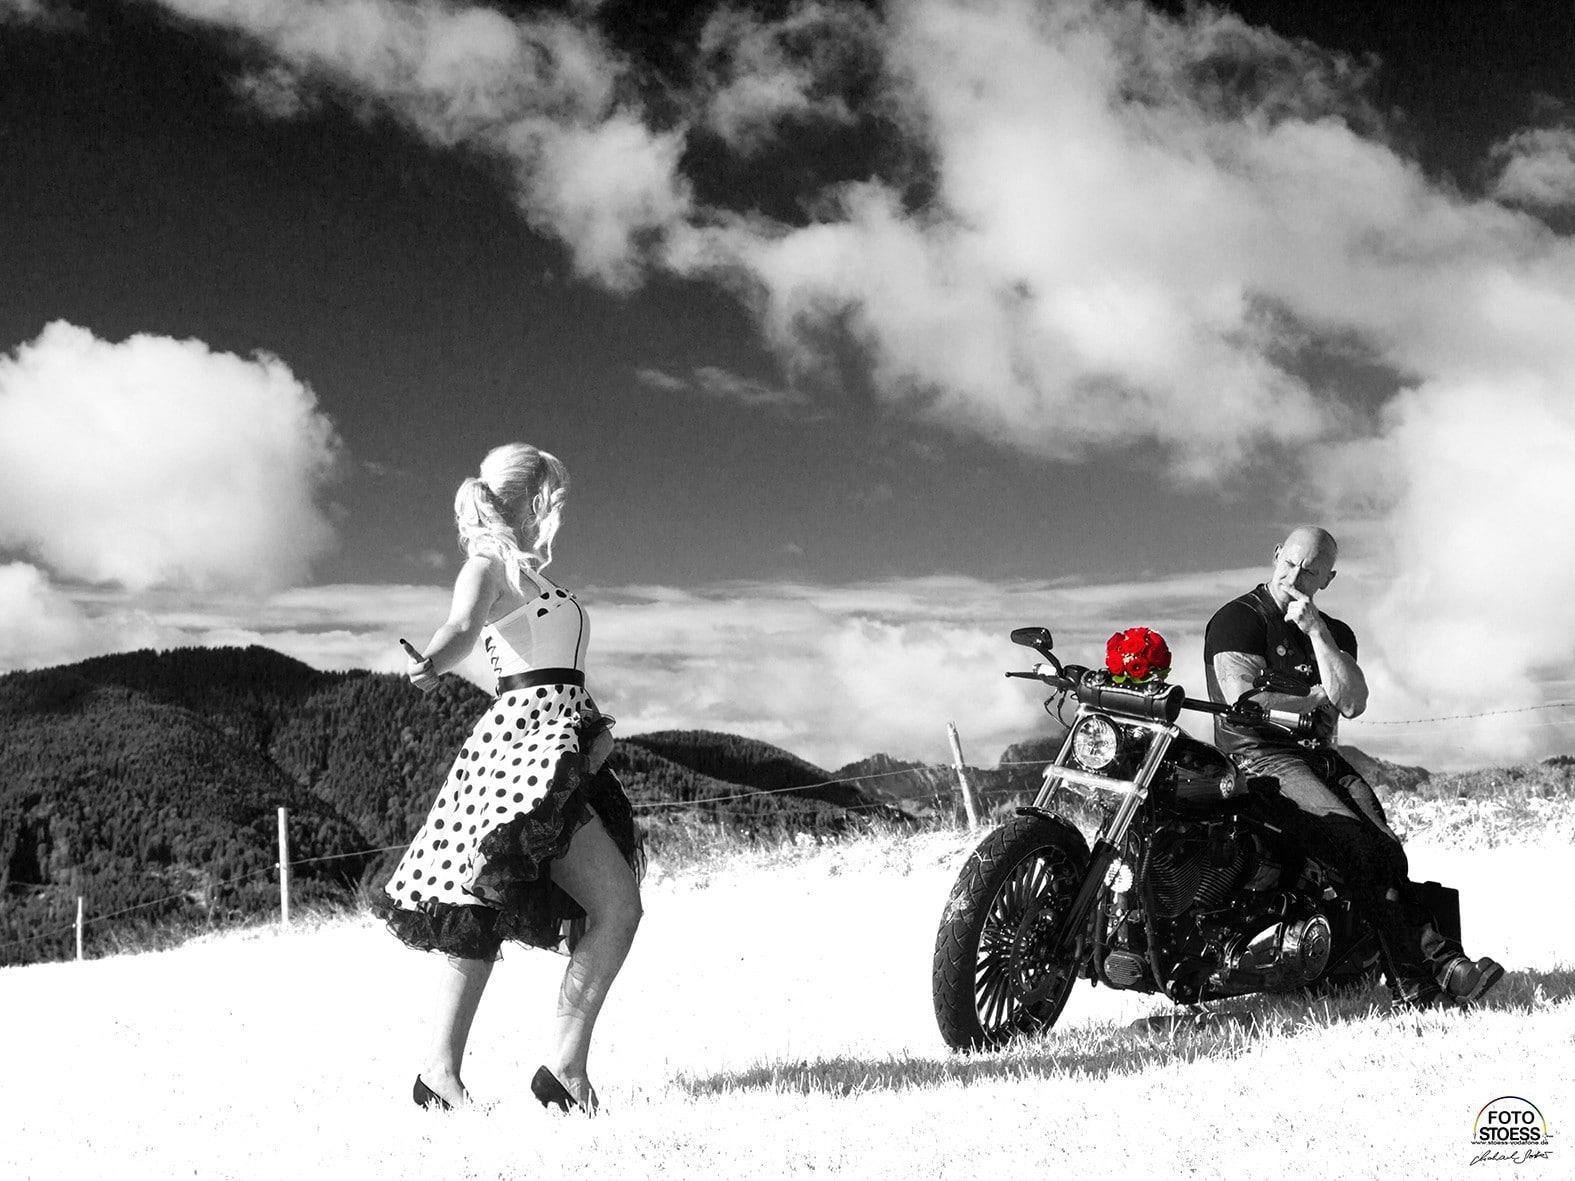 Hochzeitsfotograf Murnau - Hochzeitsfotos - Hochzeitsfotografie - Hochzeitsshooting - Foto Stoess